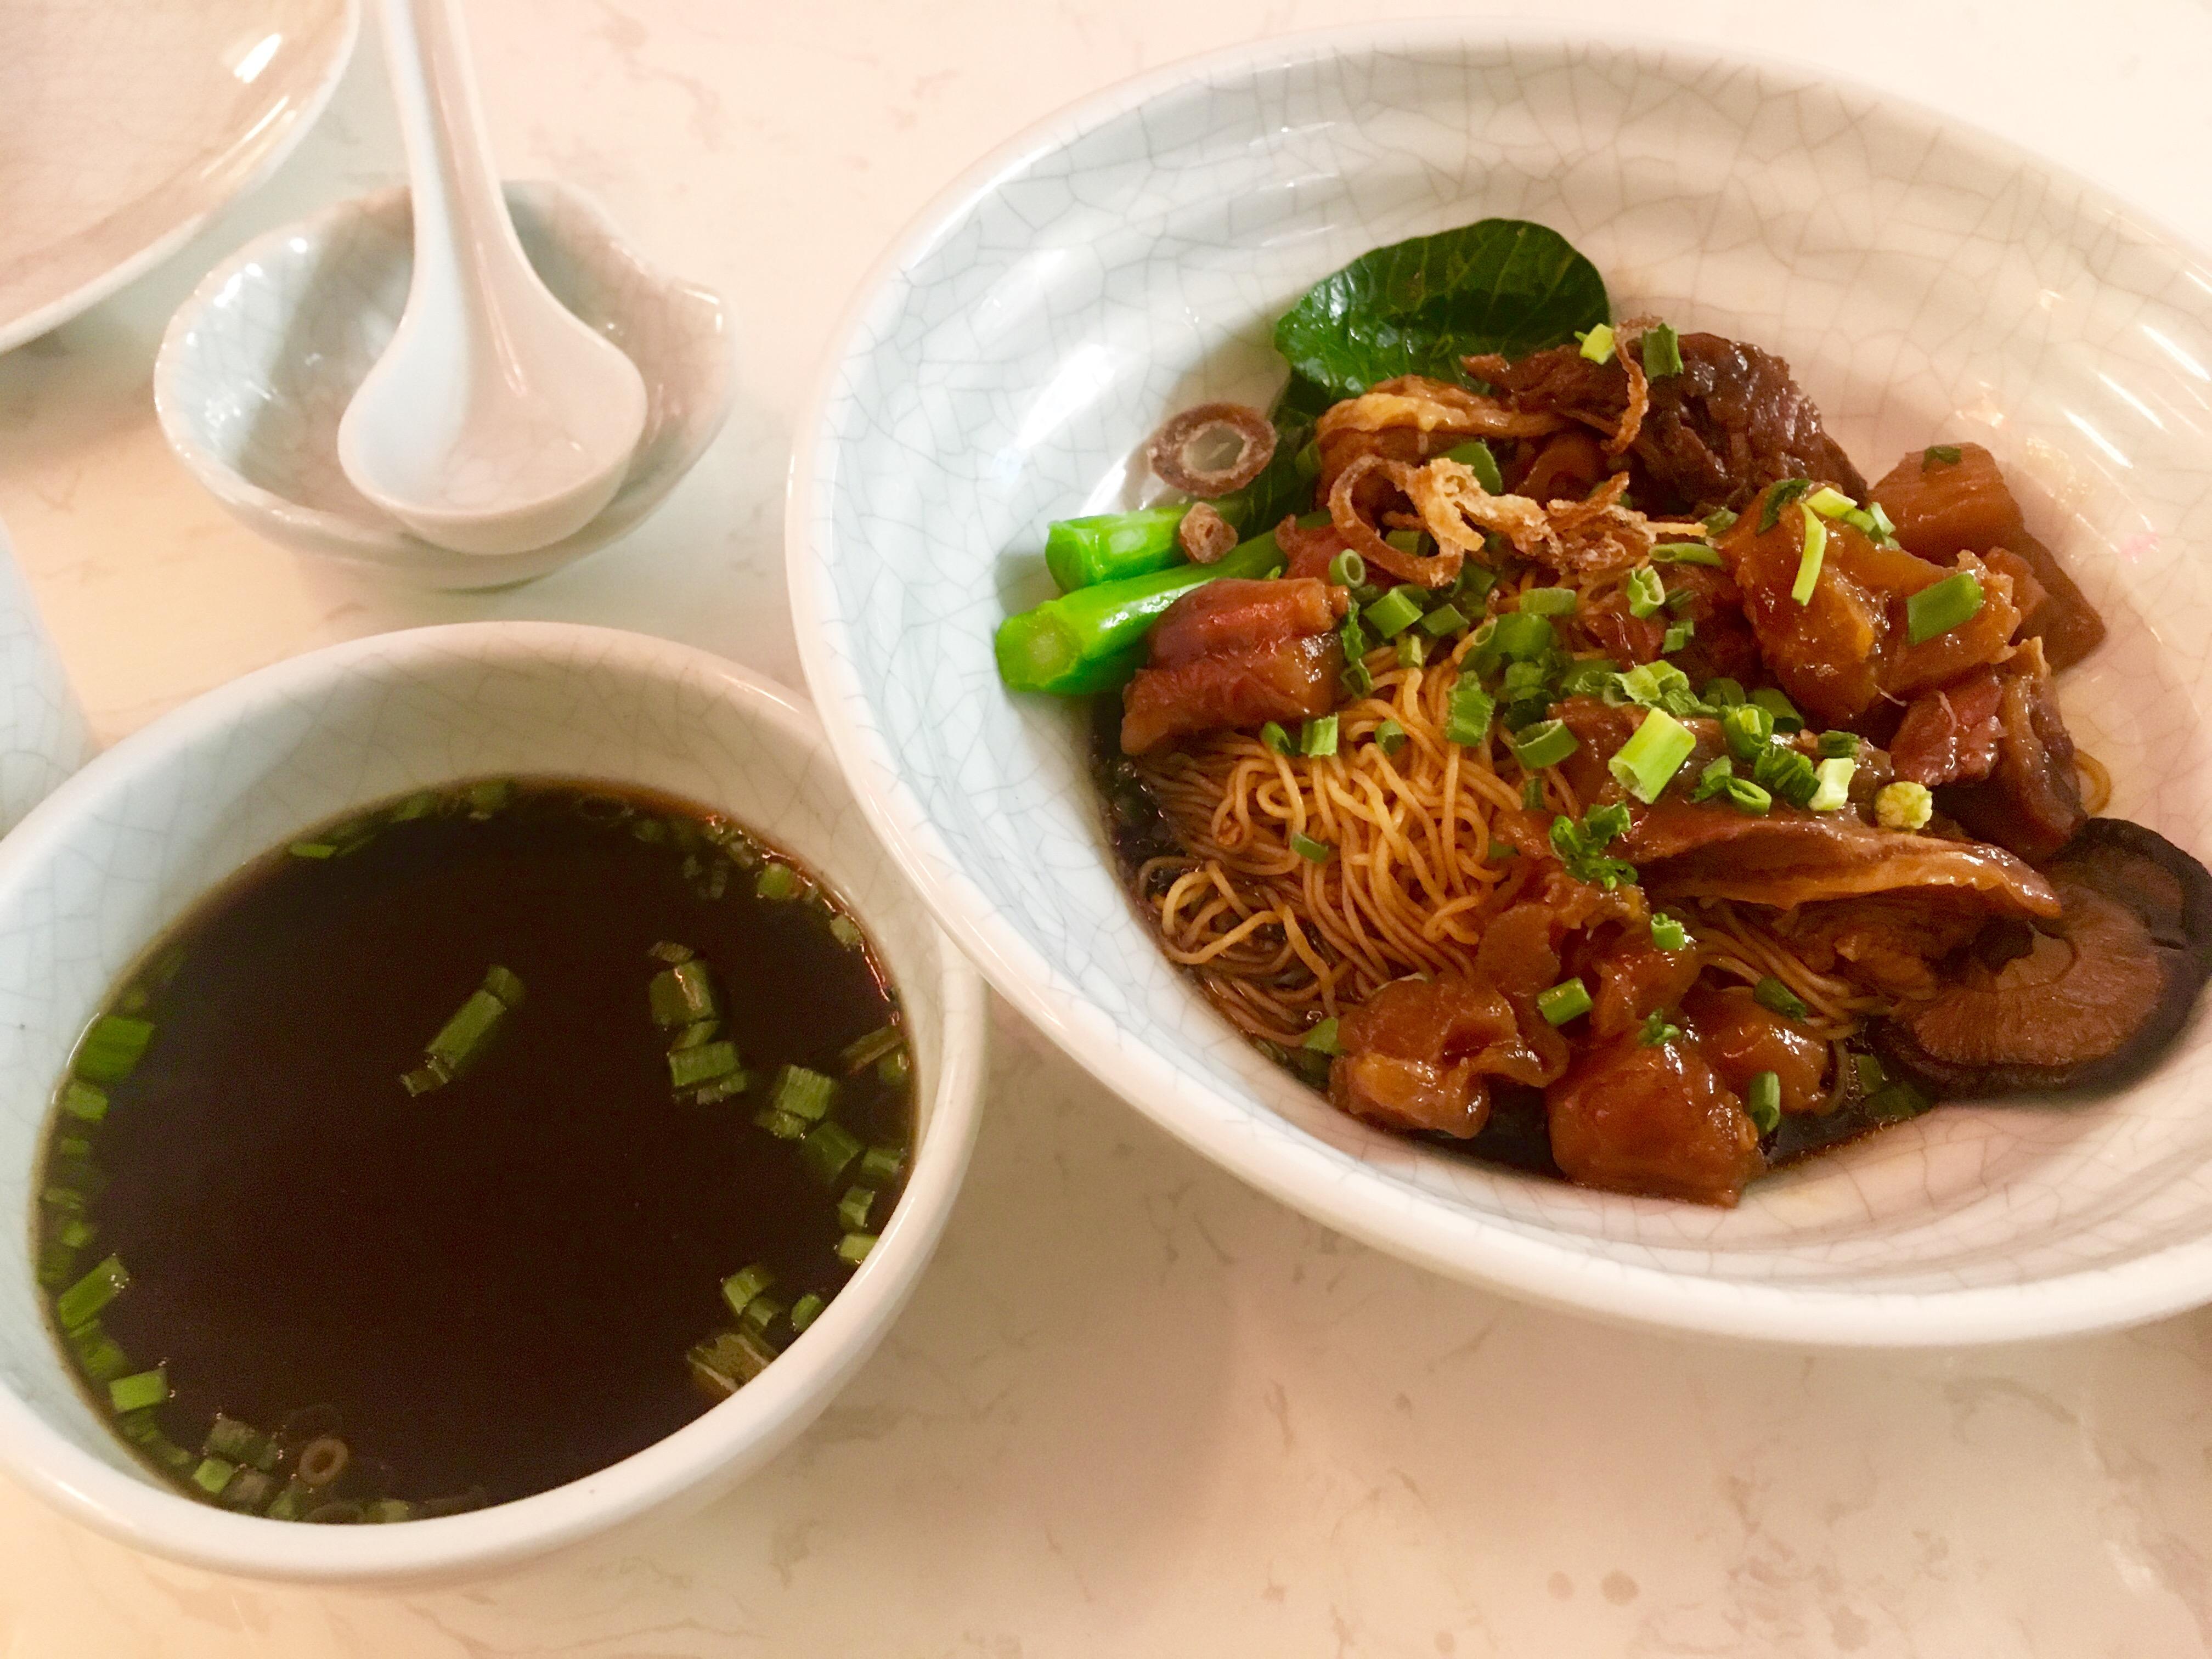 The Dim Sum Place - Beef Brisket Noodle